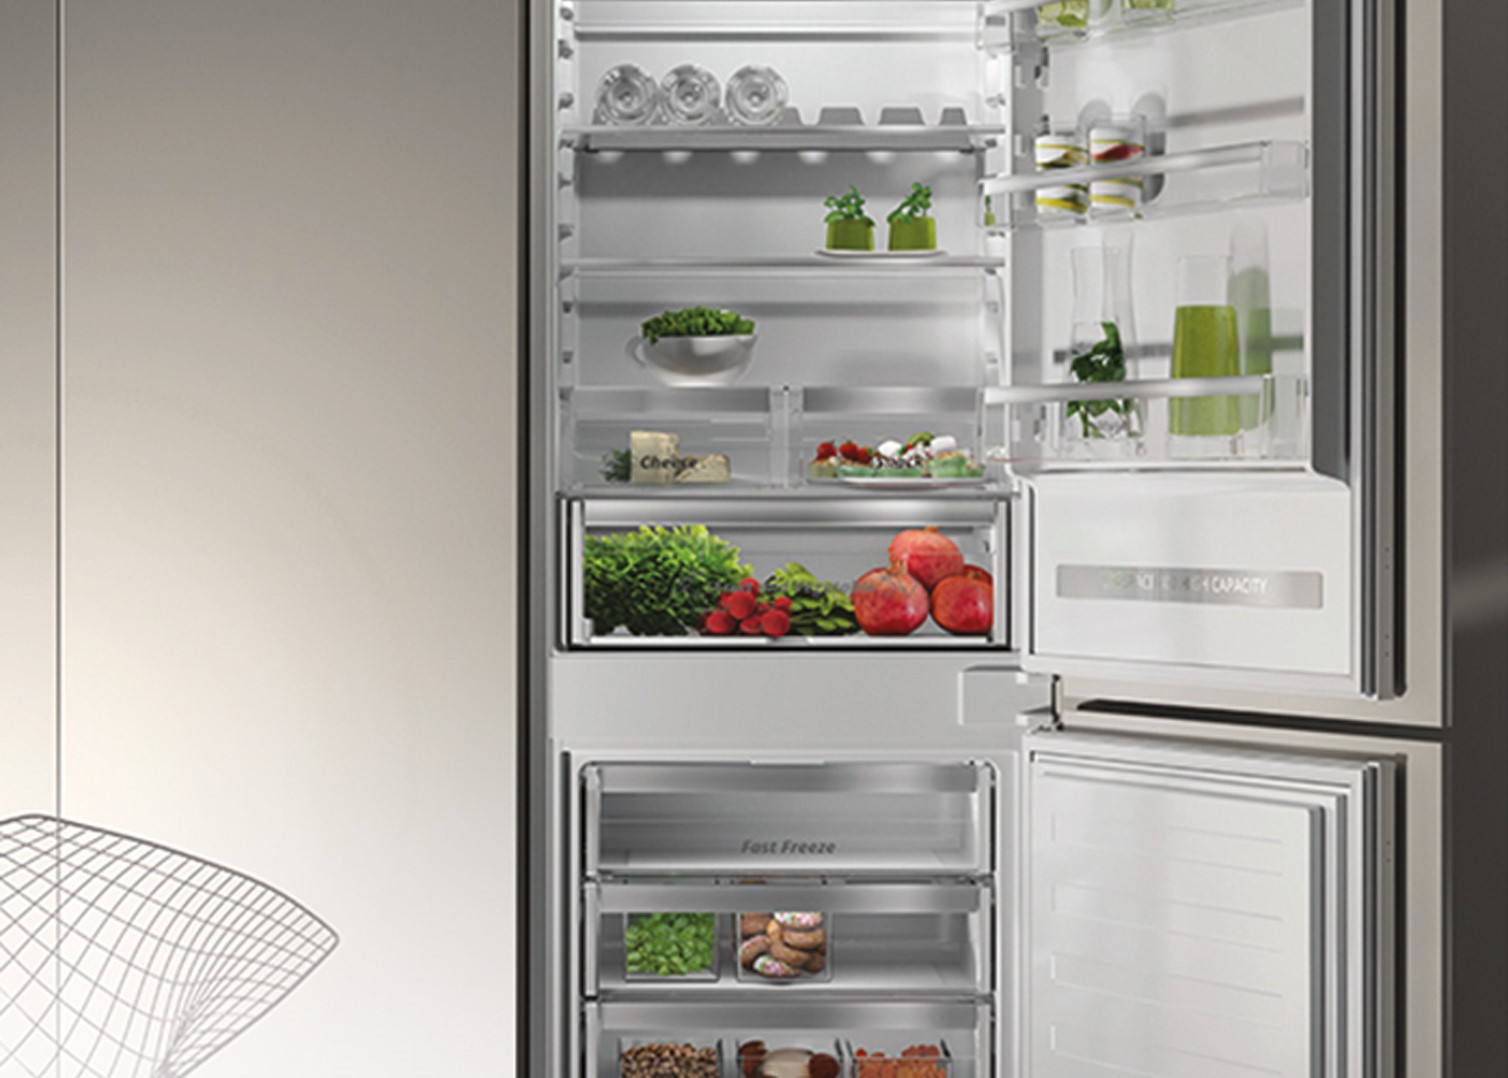 Addio sprechi: impariamo a conservare correttamente il cibo in frigorifero